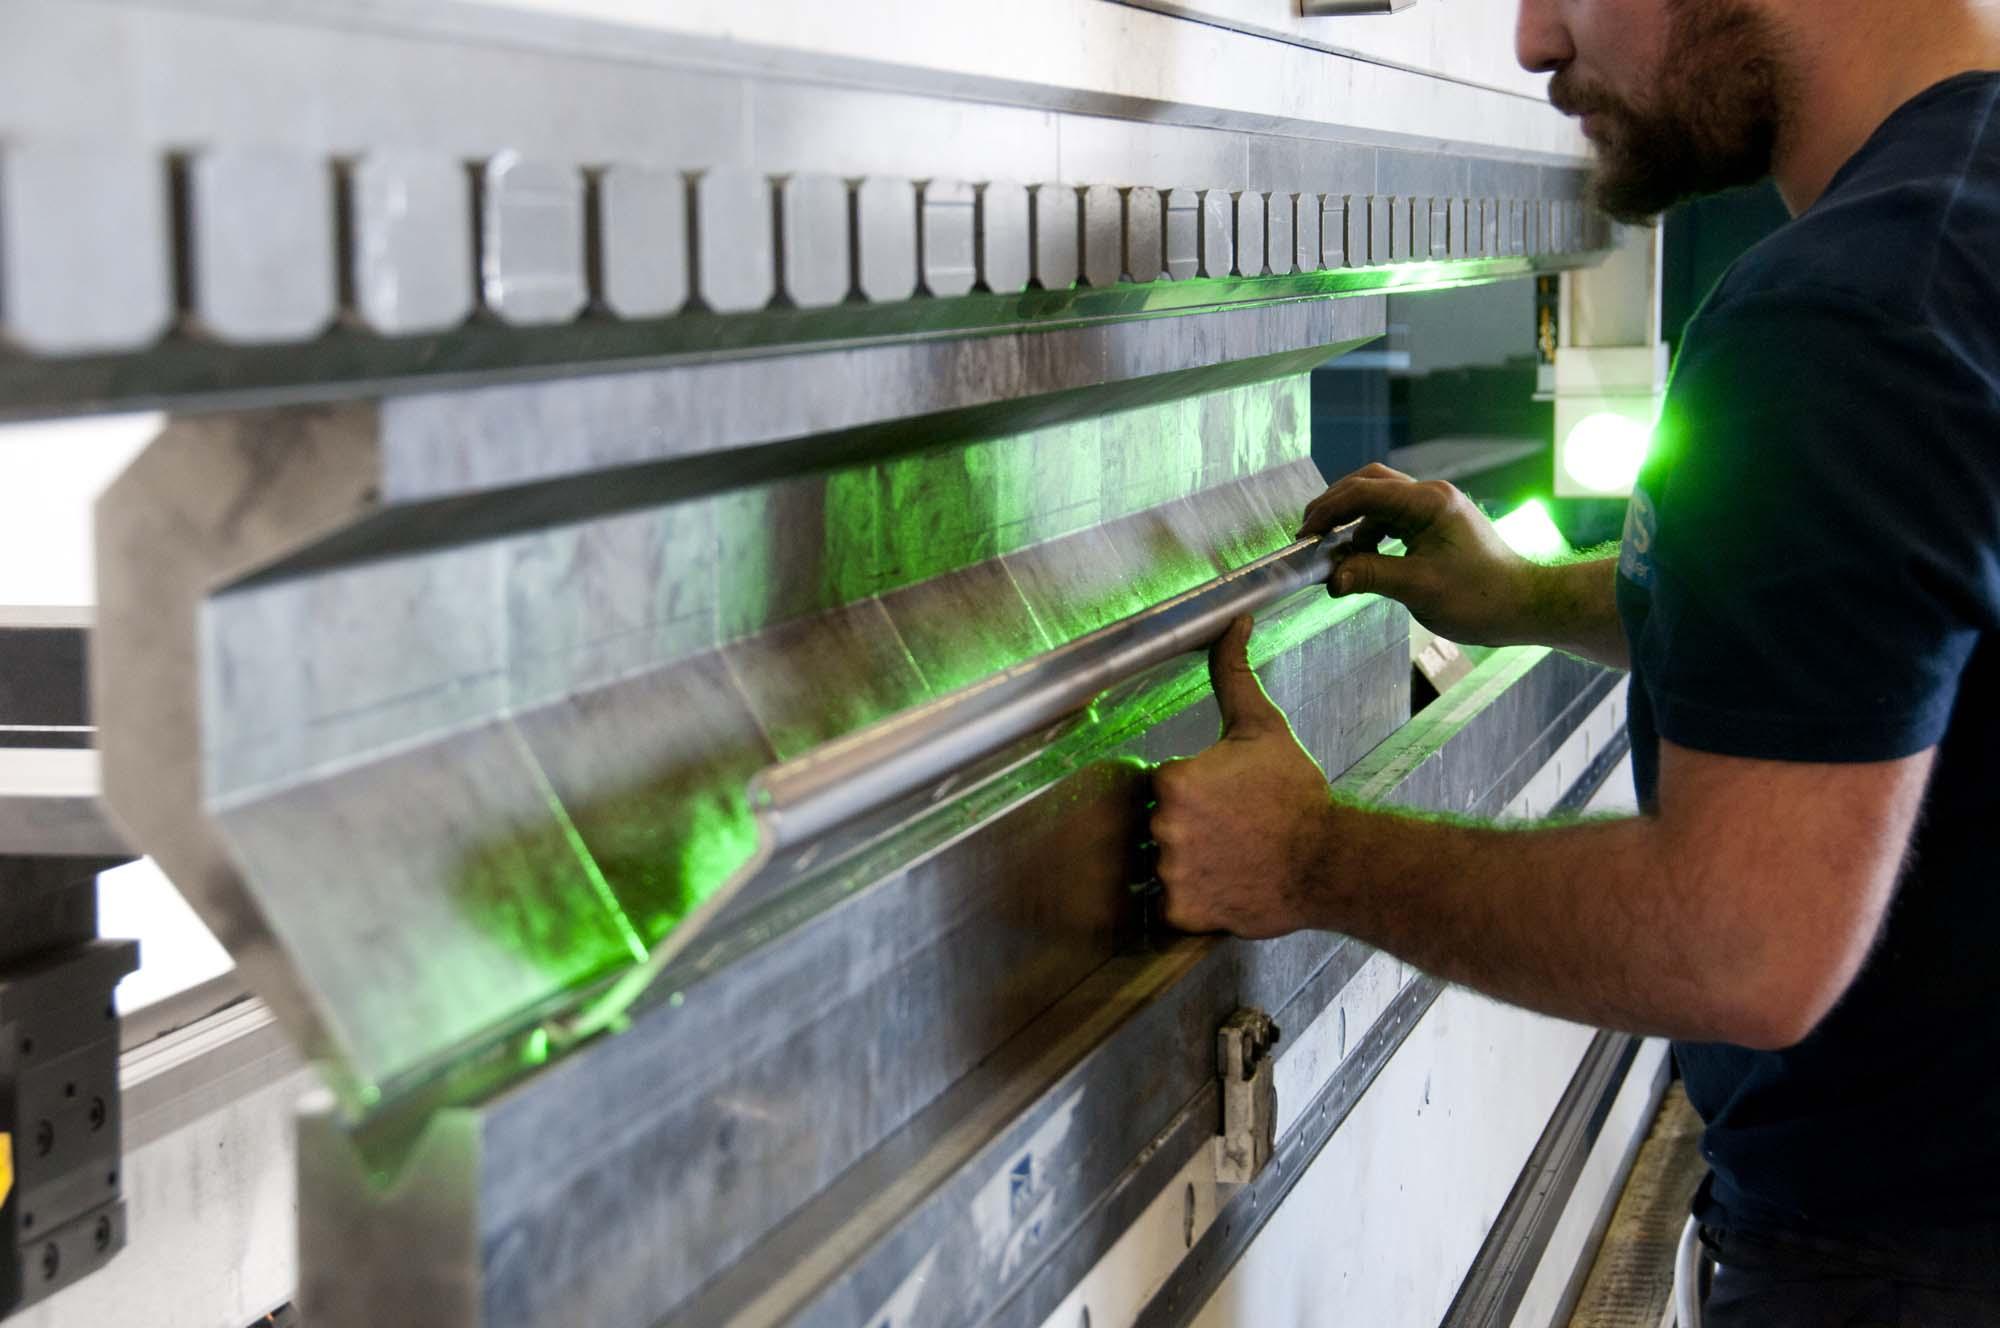 Manipulation sur une machine d'ATS laser lioujas, aveyron, 3clt